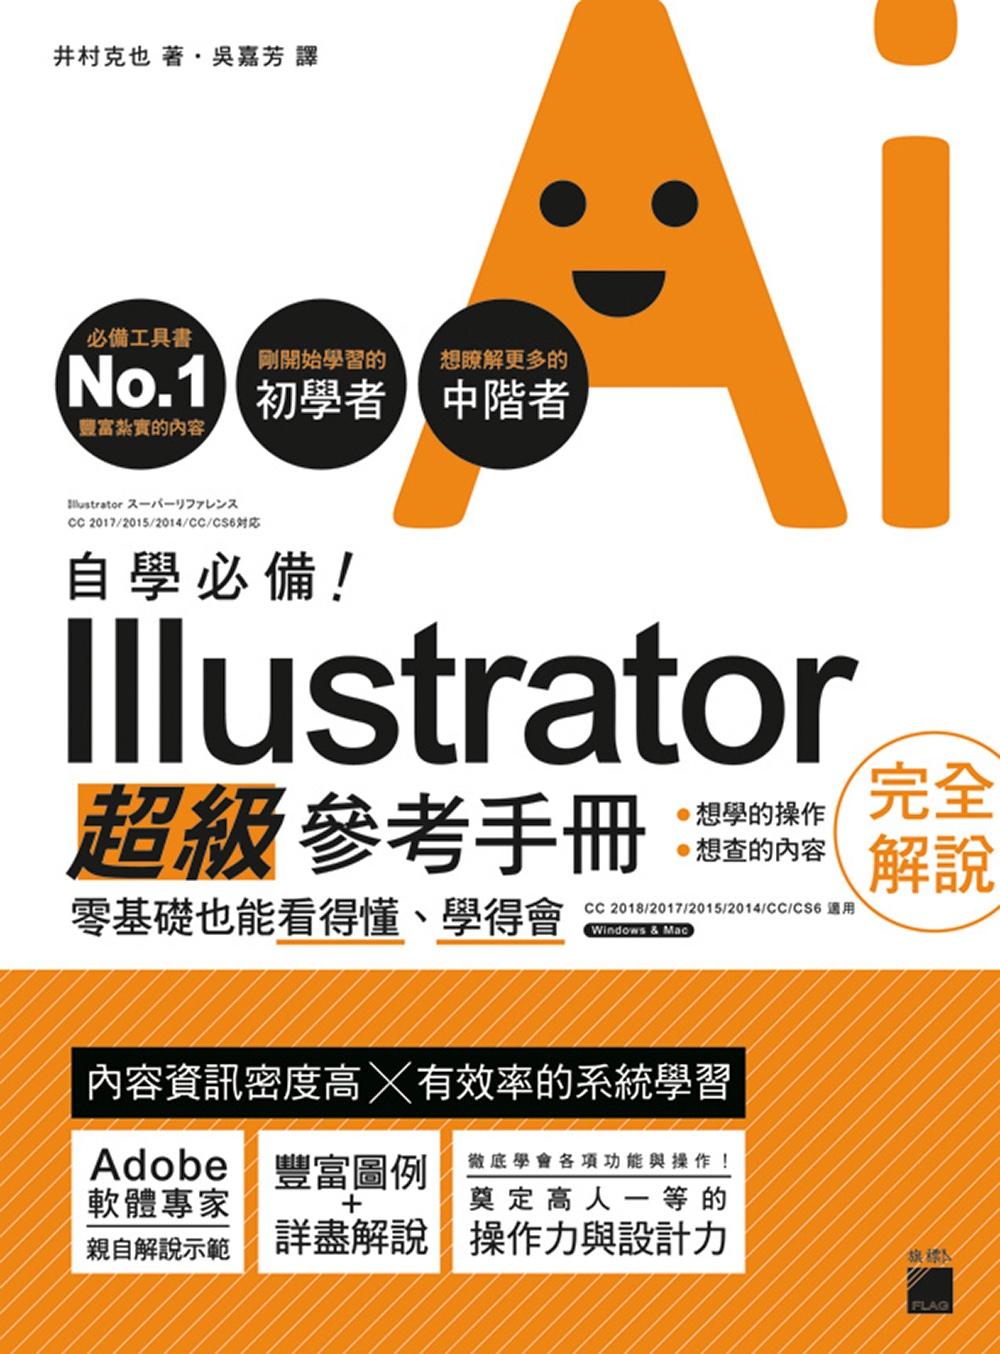 自學必備!Illustrator 超級參考手冊:零基礎也能看得懂、學得會